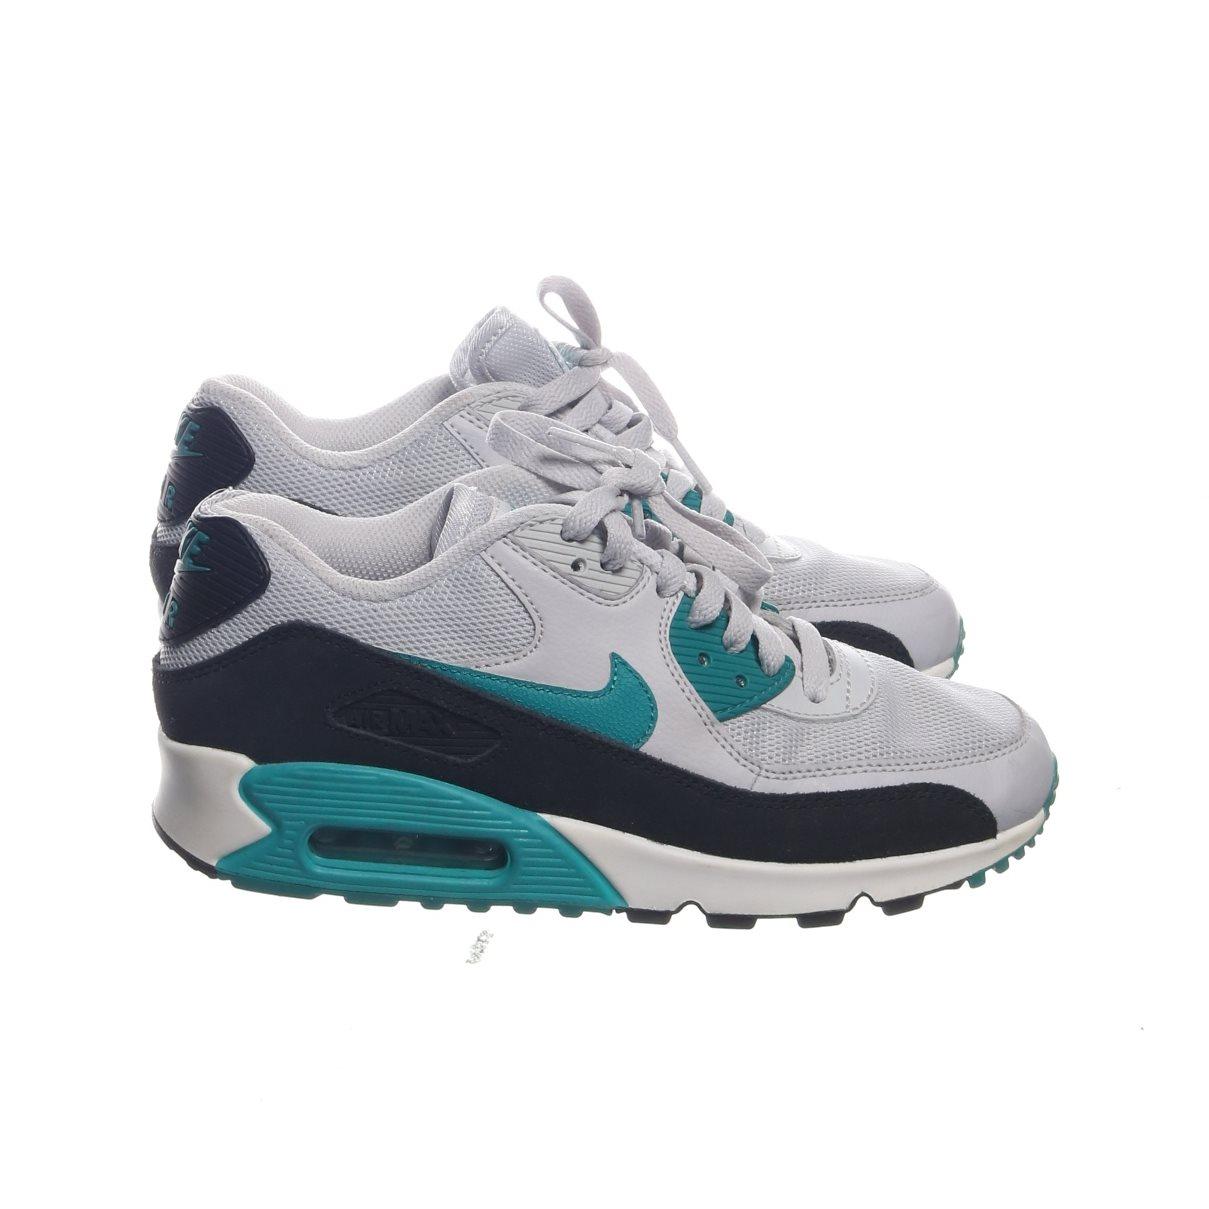 newest 1d383 da4d1 ... Vit Sportamore.se  best website 09dd3 70c82 Nike Air Max, Träningsskor,  Strl 38, VitMörkgrönSvart